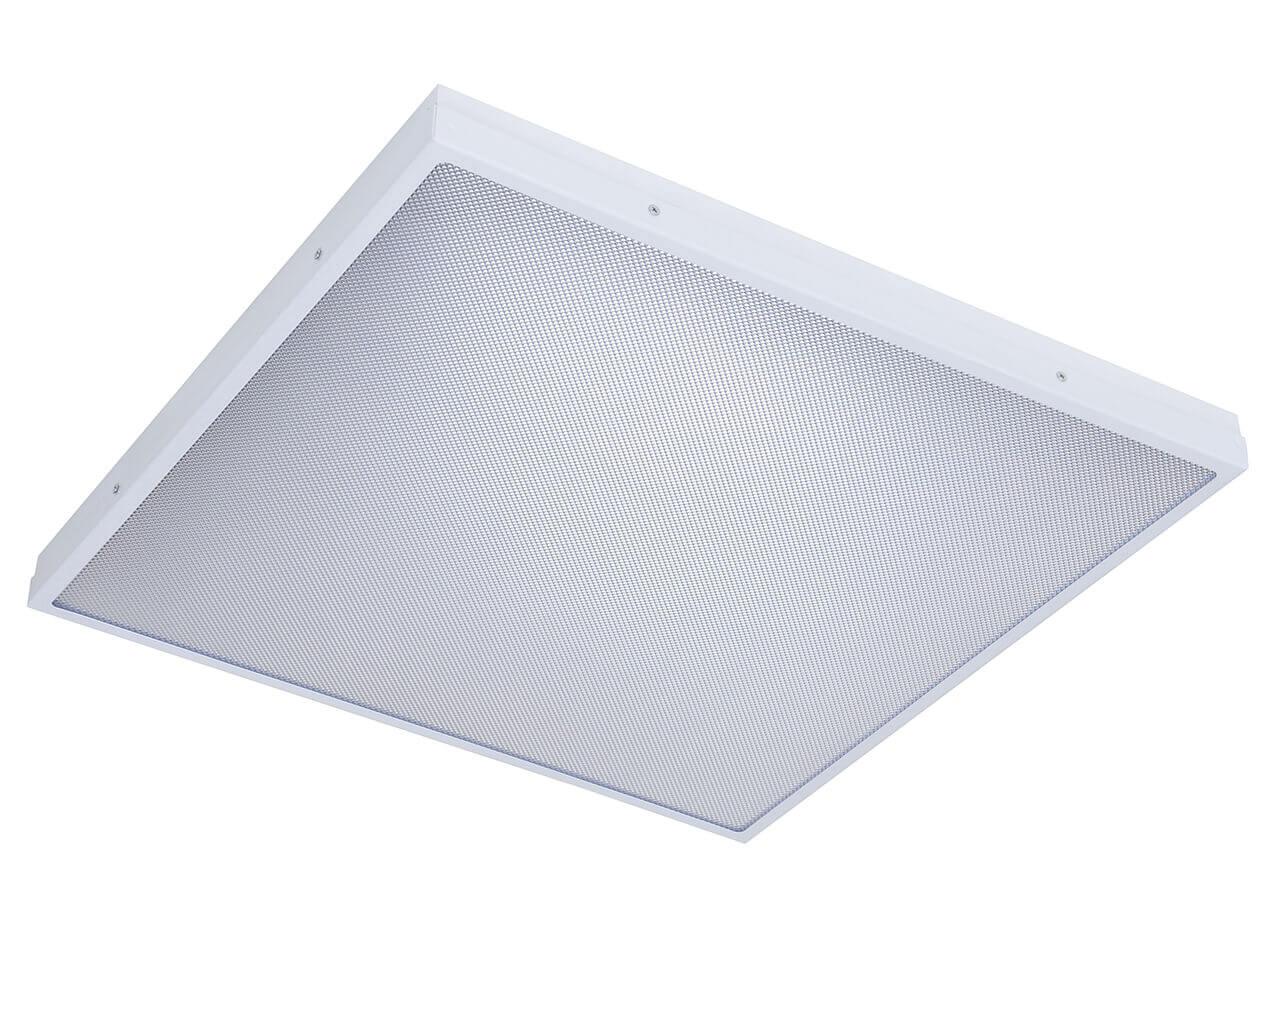 Универсальный светильник LC-USIP-80 595*595 Теплый белый Призма